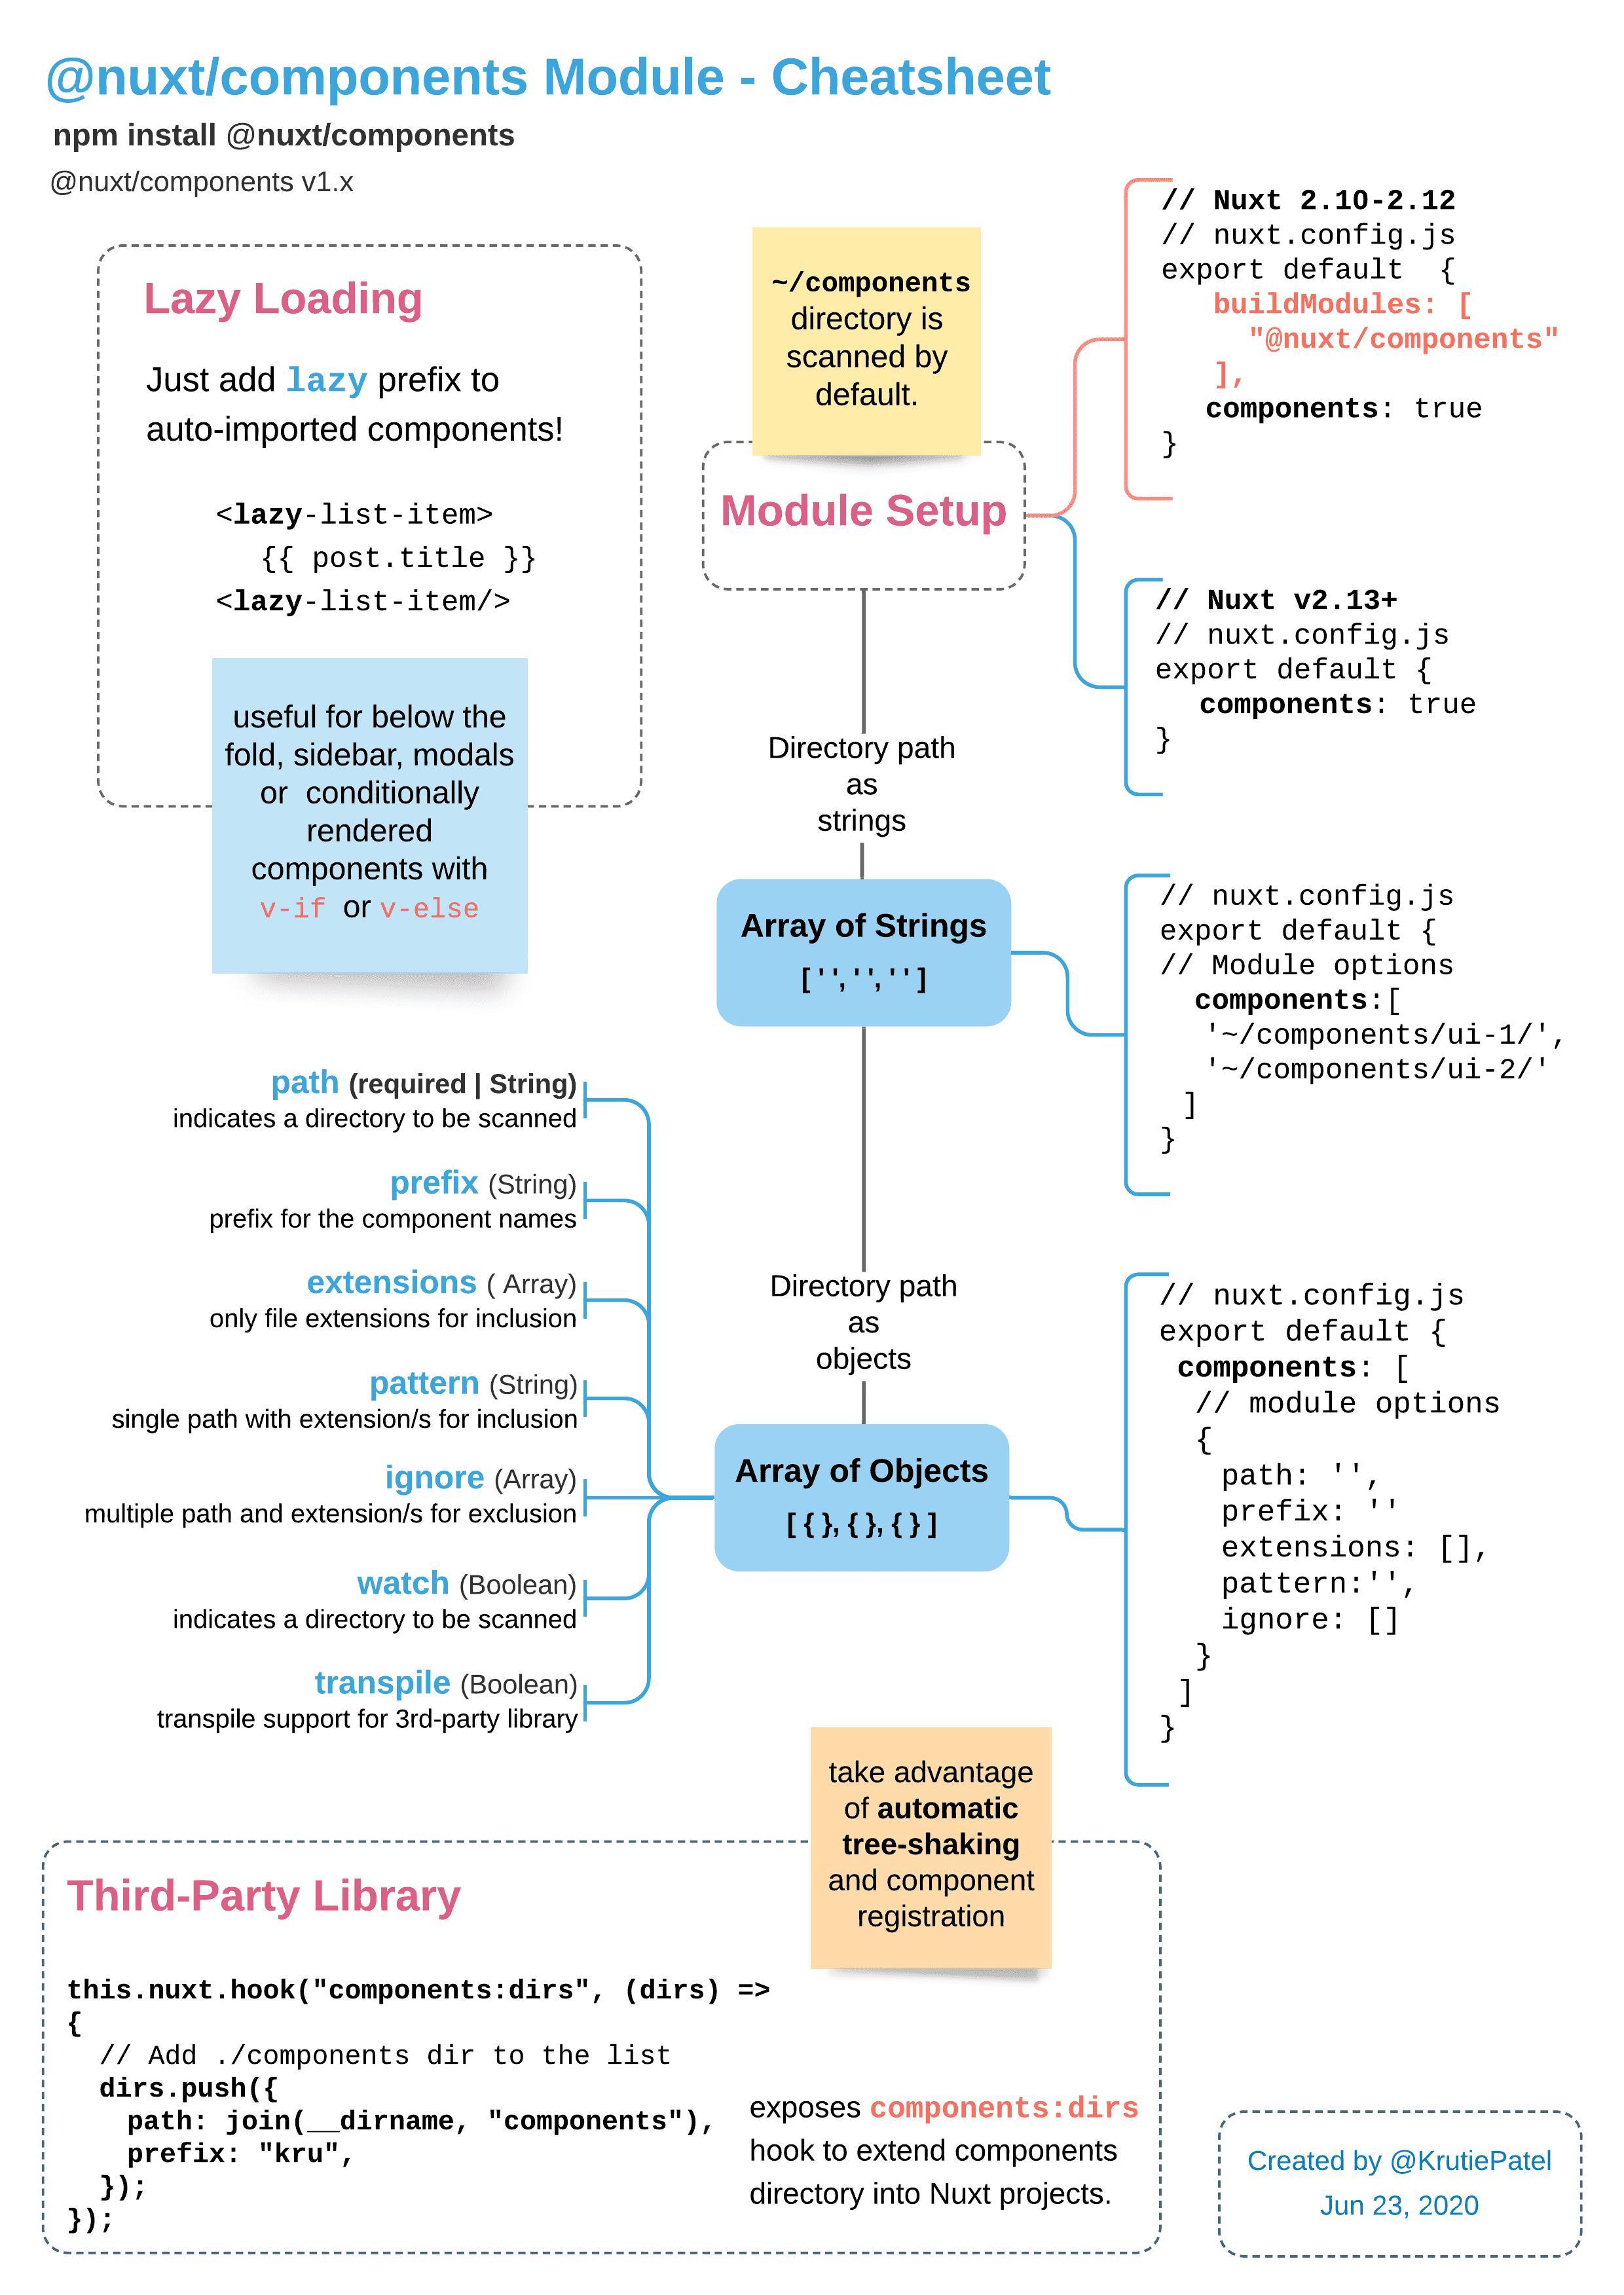 nuxt components module